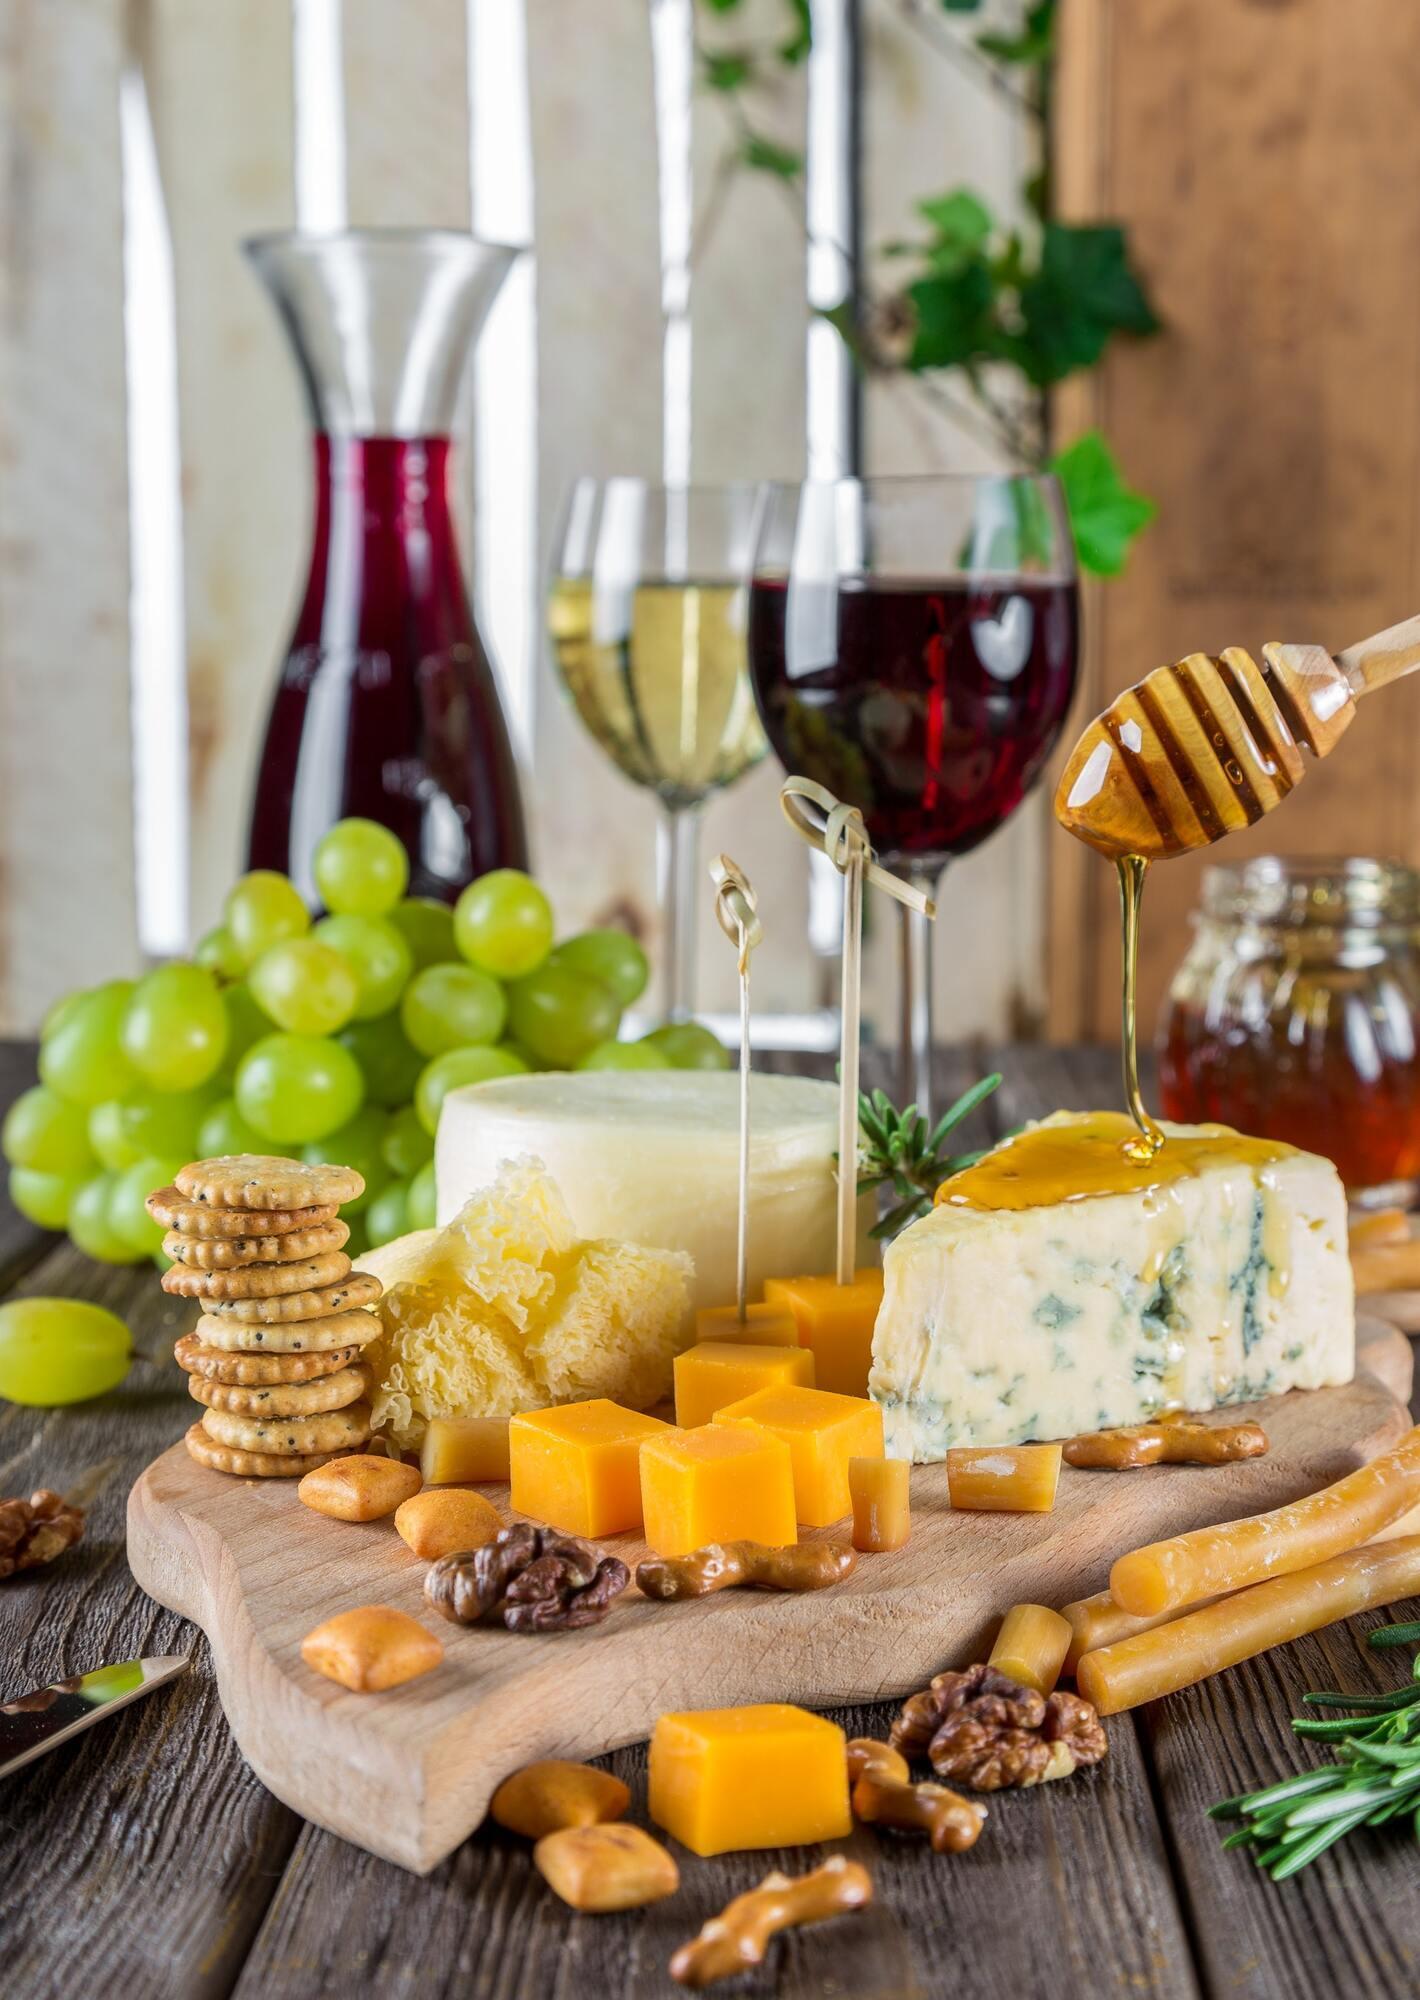 Сир, вино і печиво будуть відмінним набором для вилазки на природу